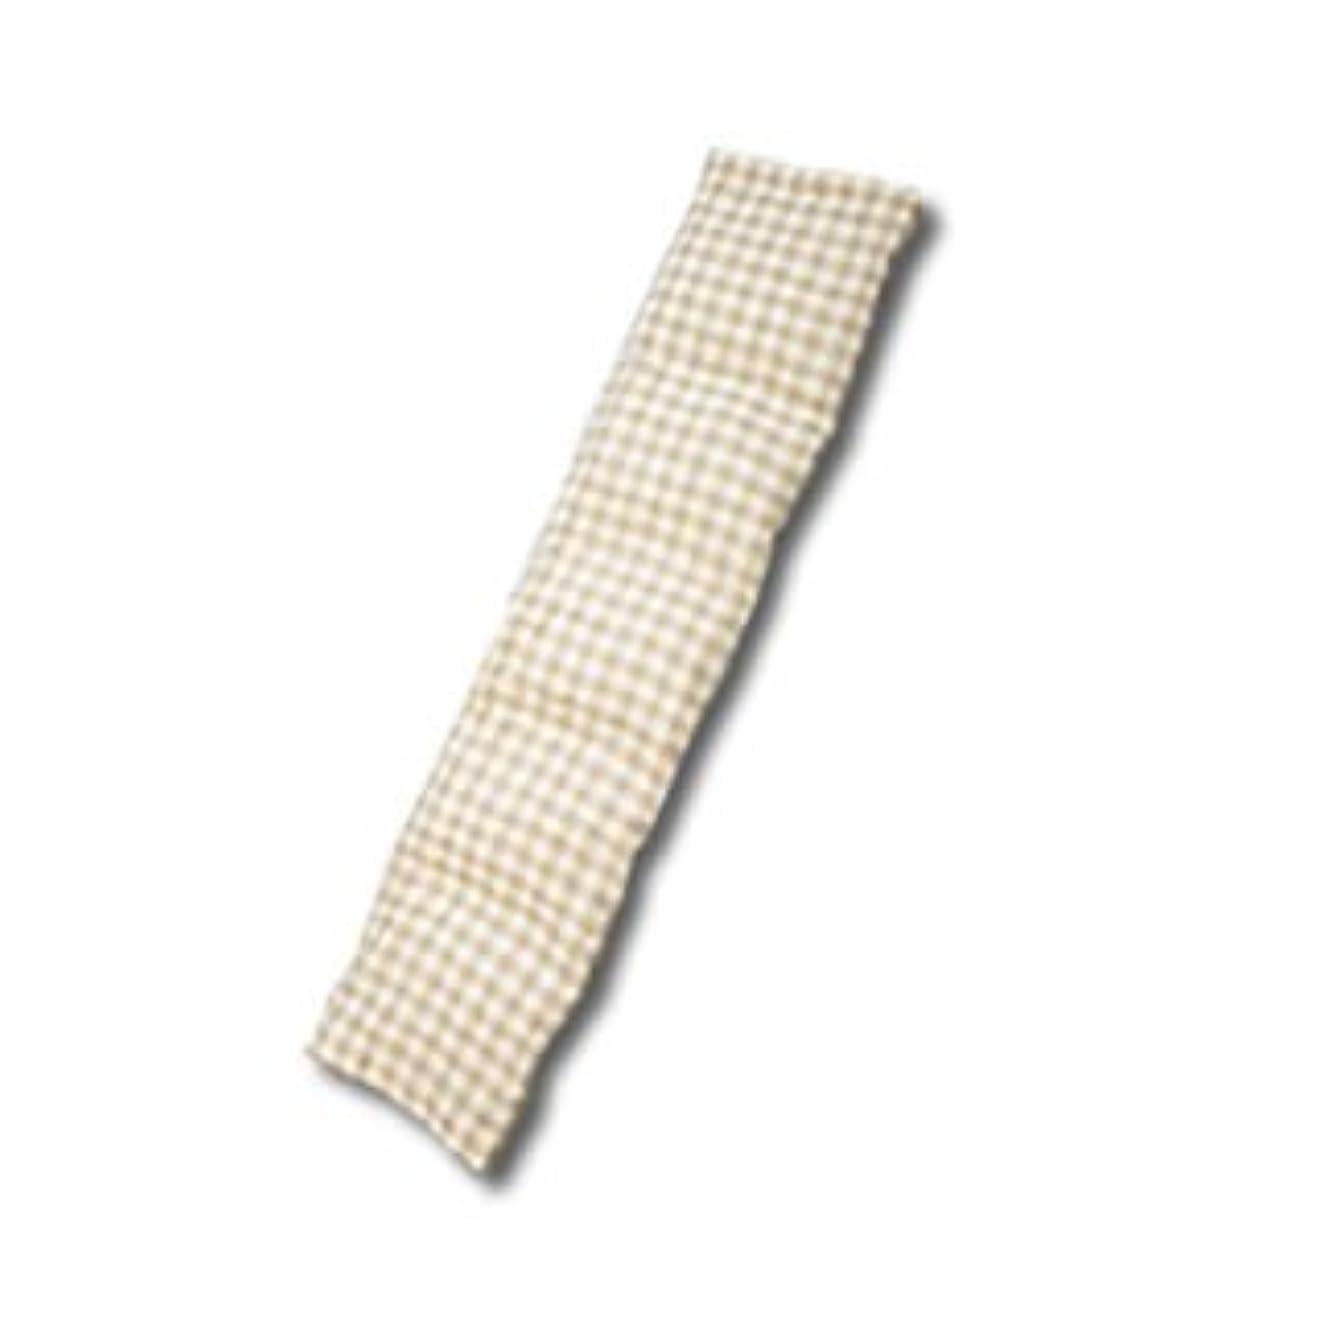 ダイヤモンドバブル洗う手作り温熱ハーブパット「よもごこち」 ロング 13cm×57cm